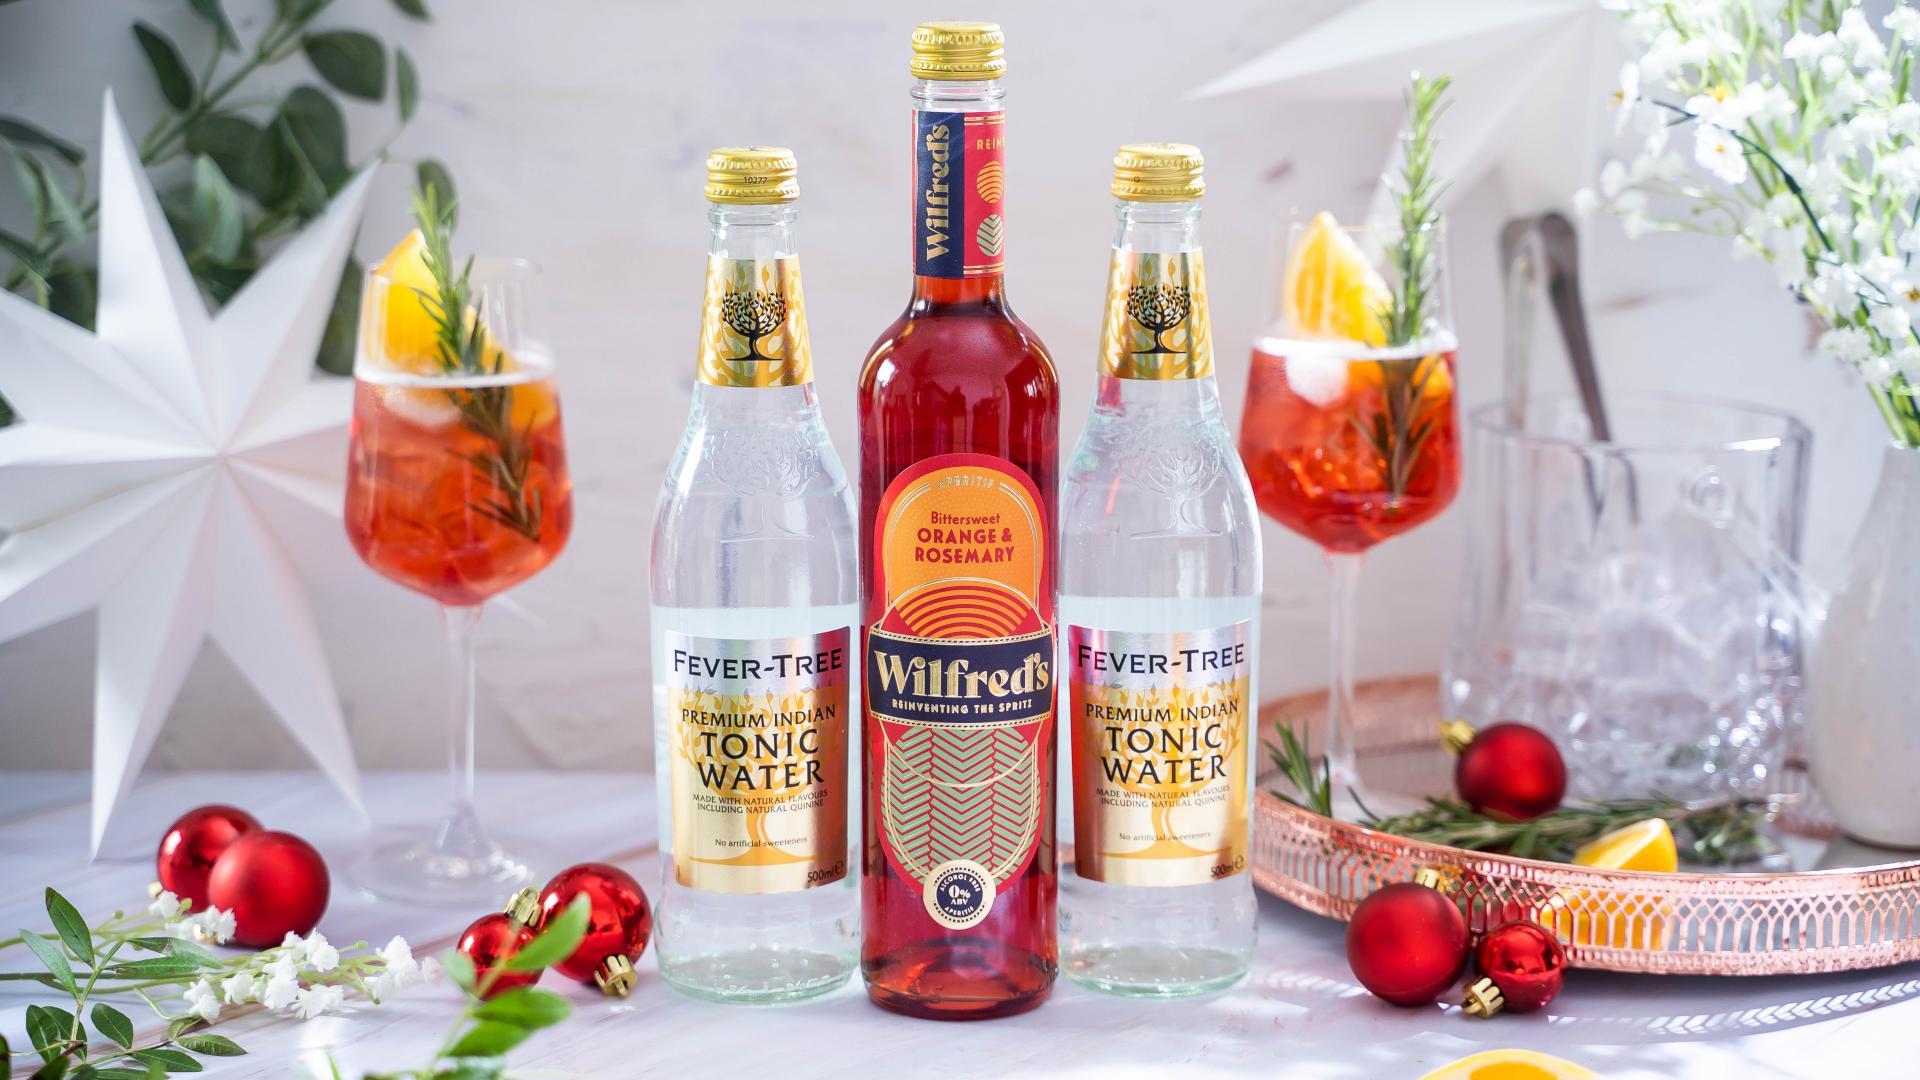 Wilfred's Non Alcoholic British Aperitif